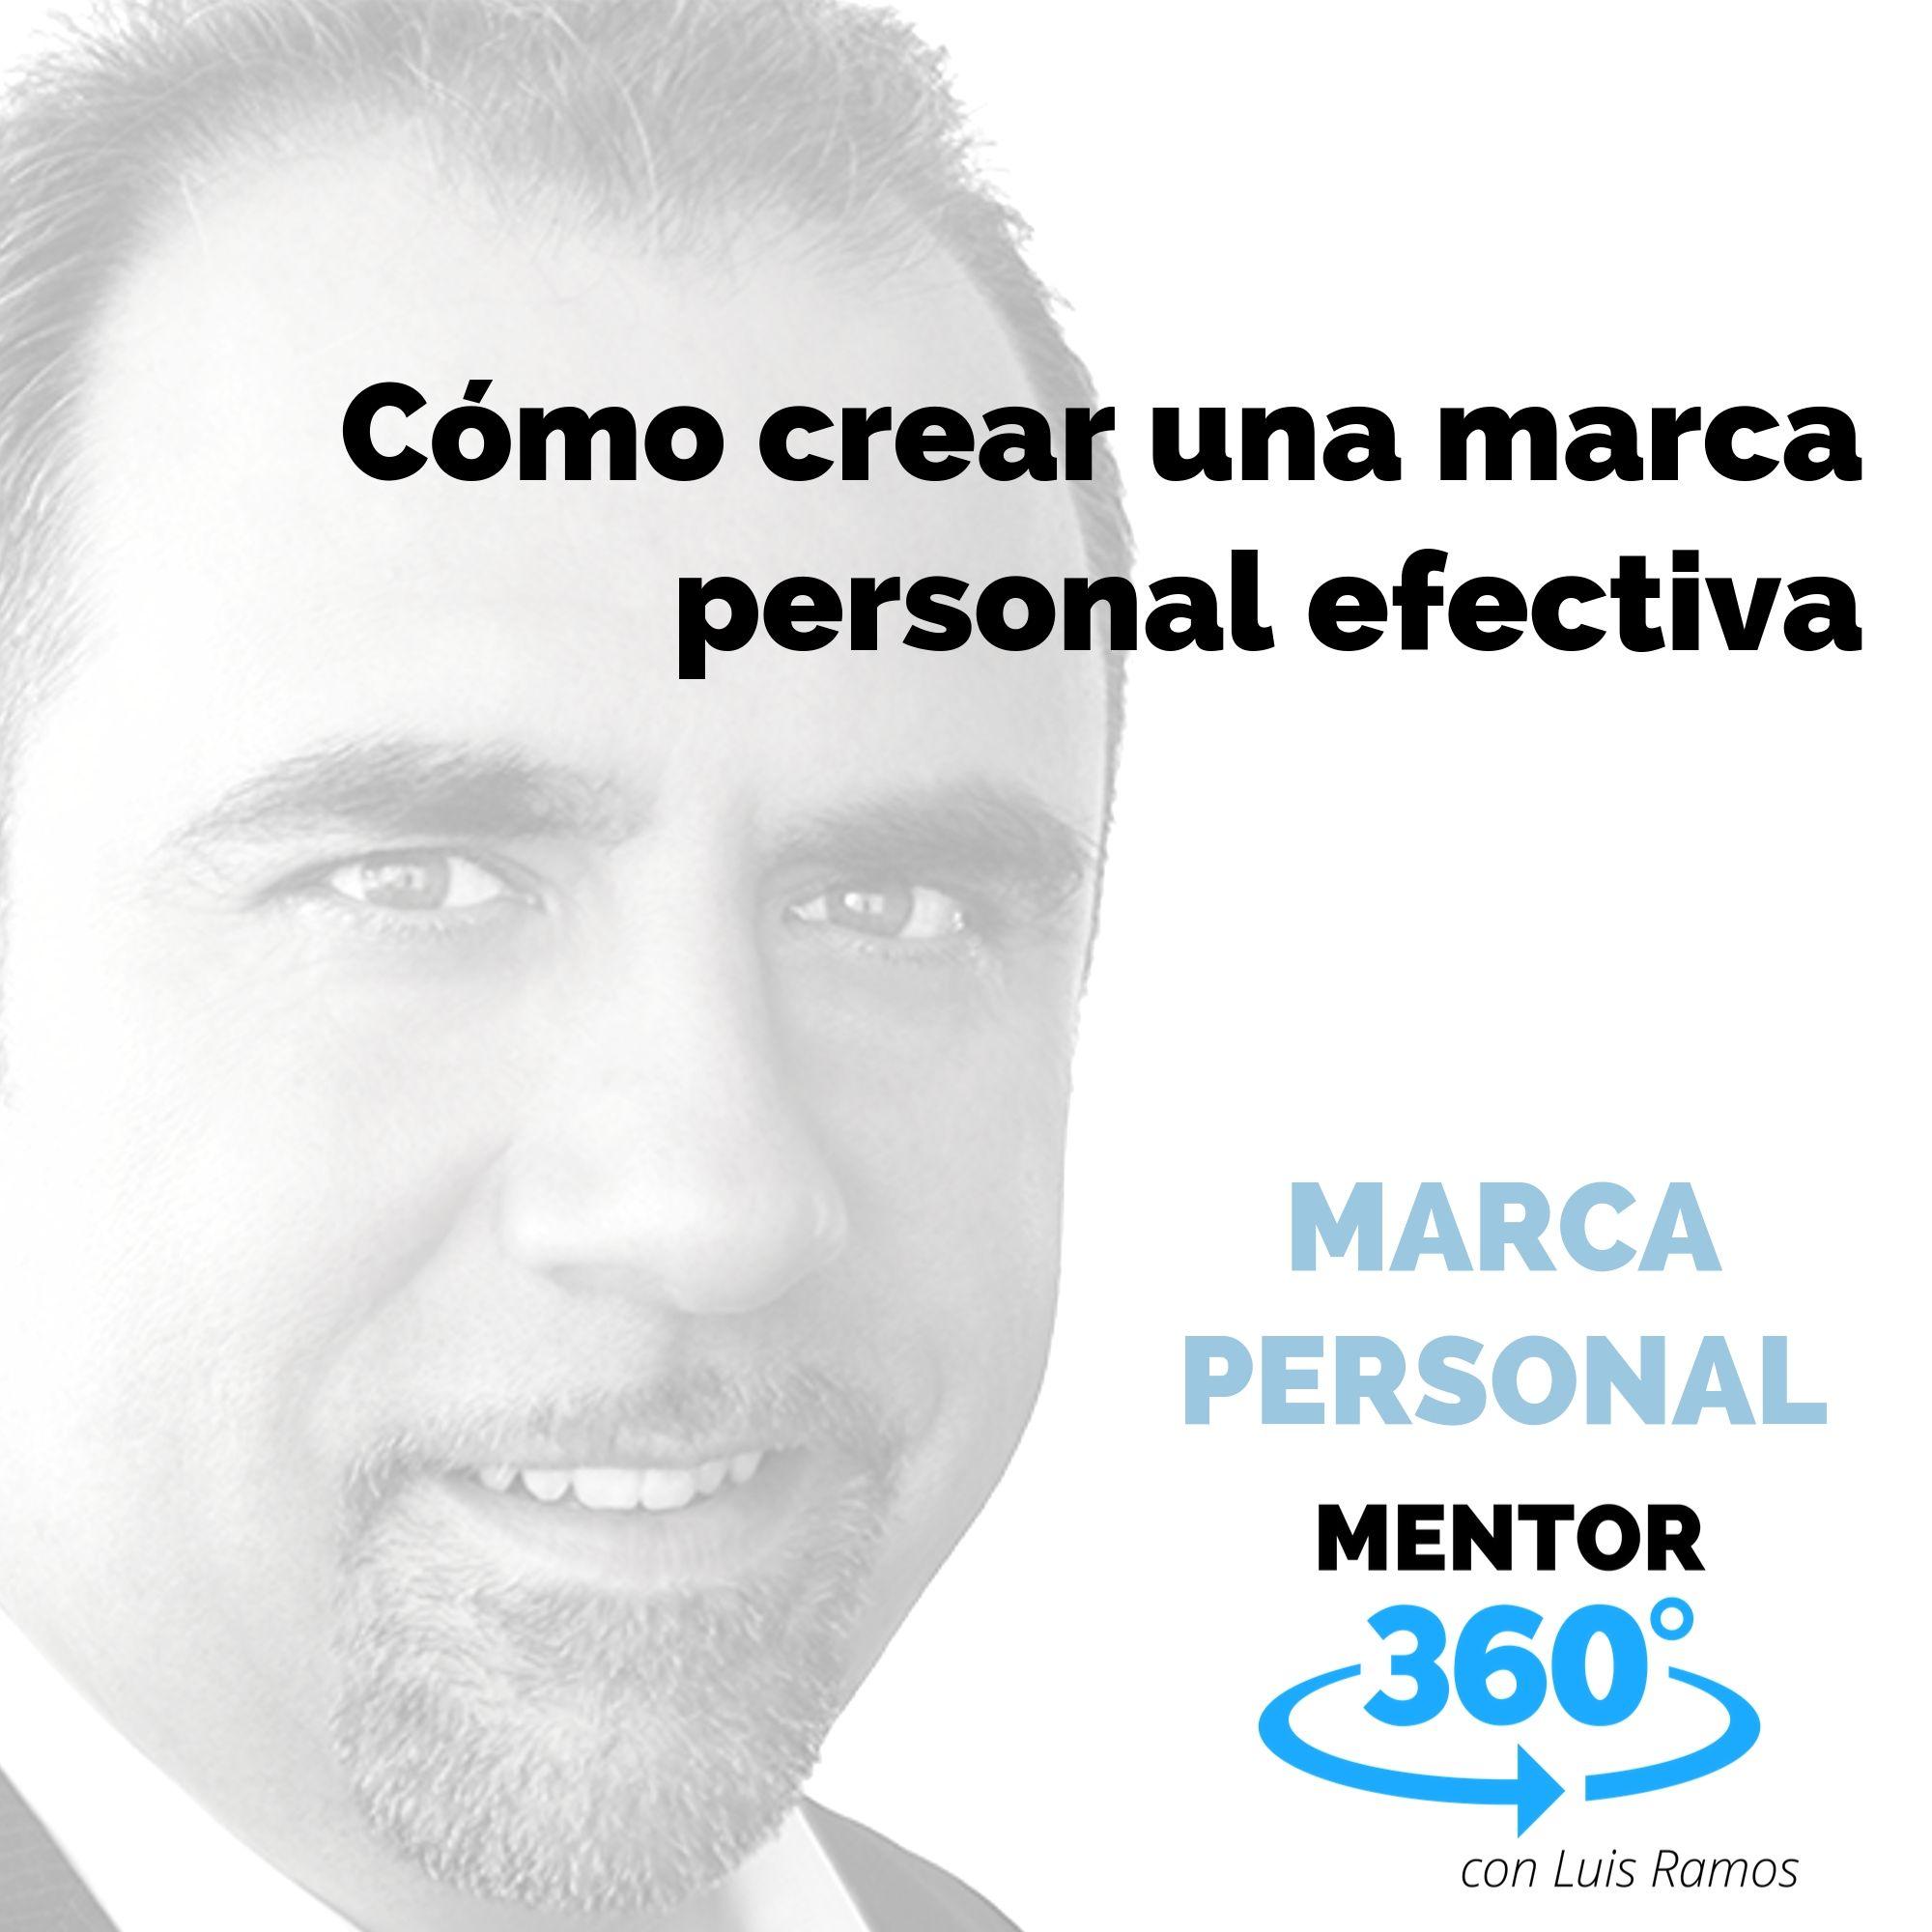 Cómo crear una marca personal efectiva, con Luis Ramos - MARCA PERSONAL